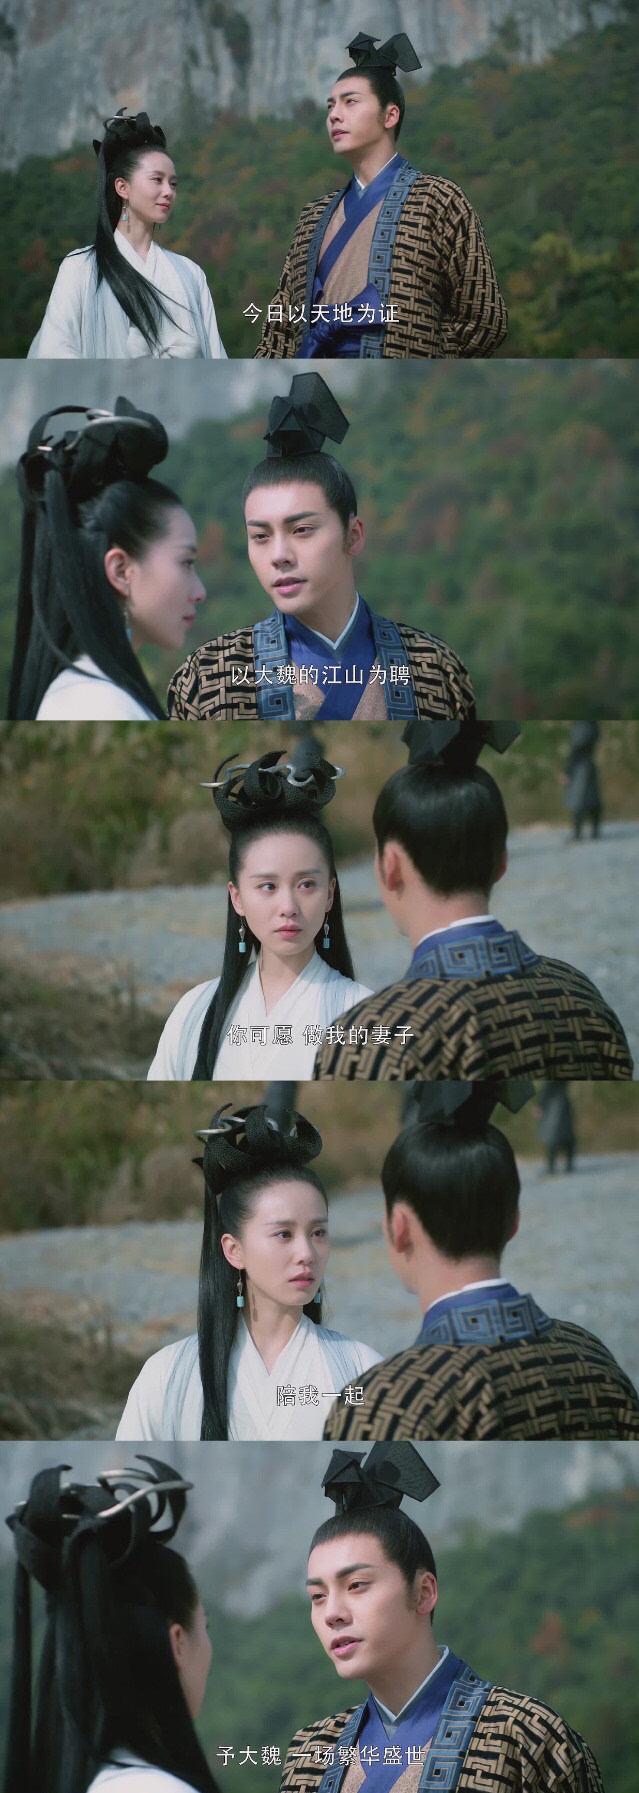 陈伟霆:天地为证,江山为聘,你是否愿意做我的妻子?